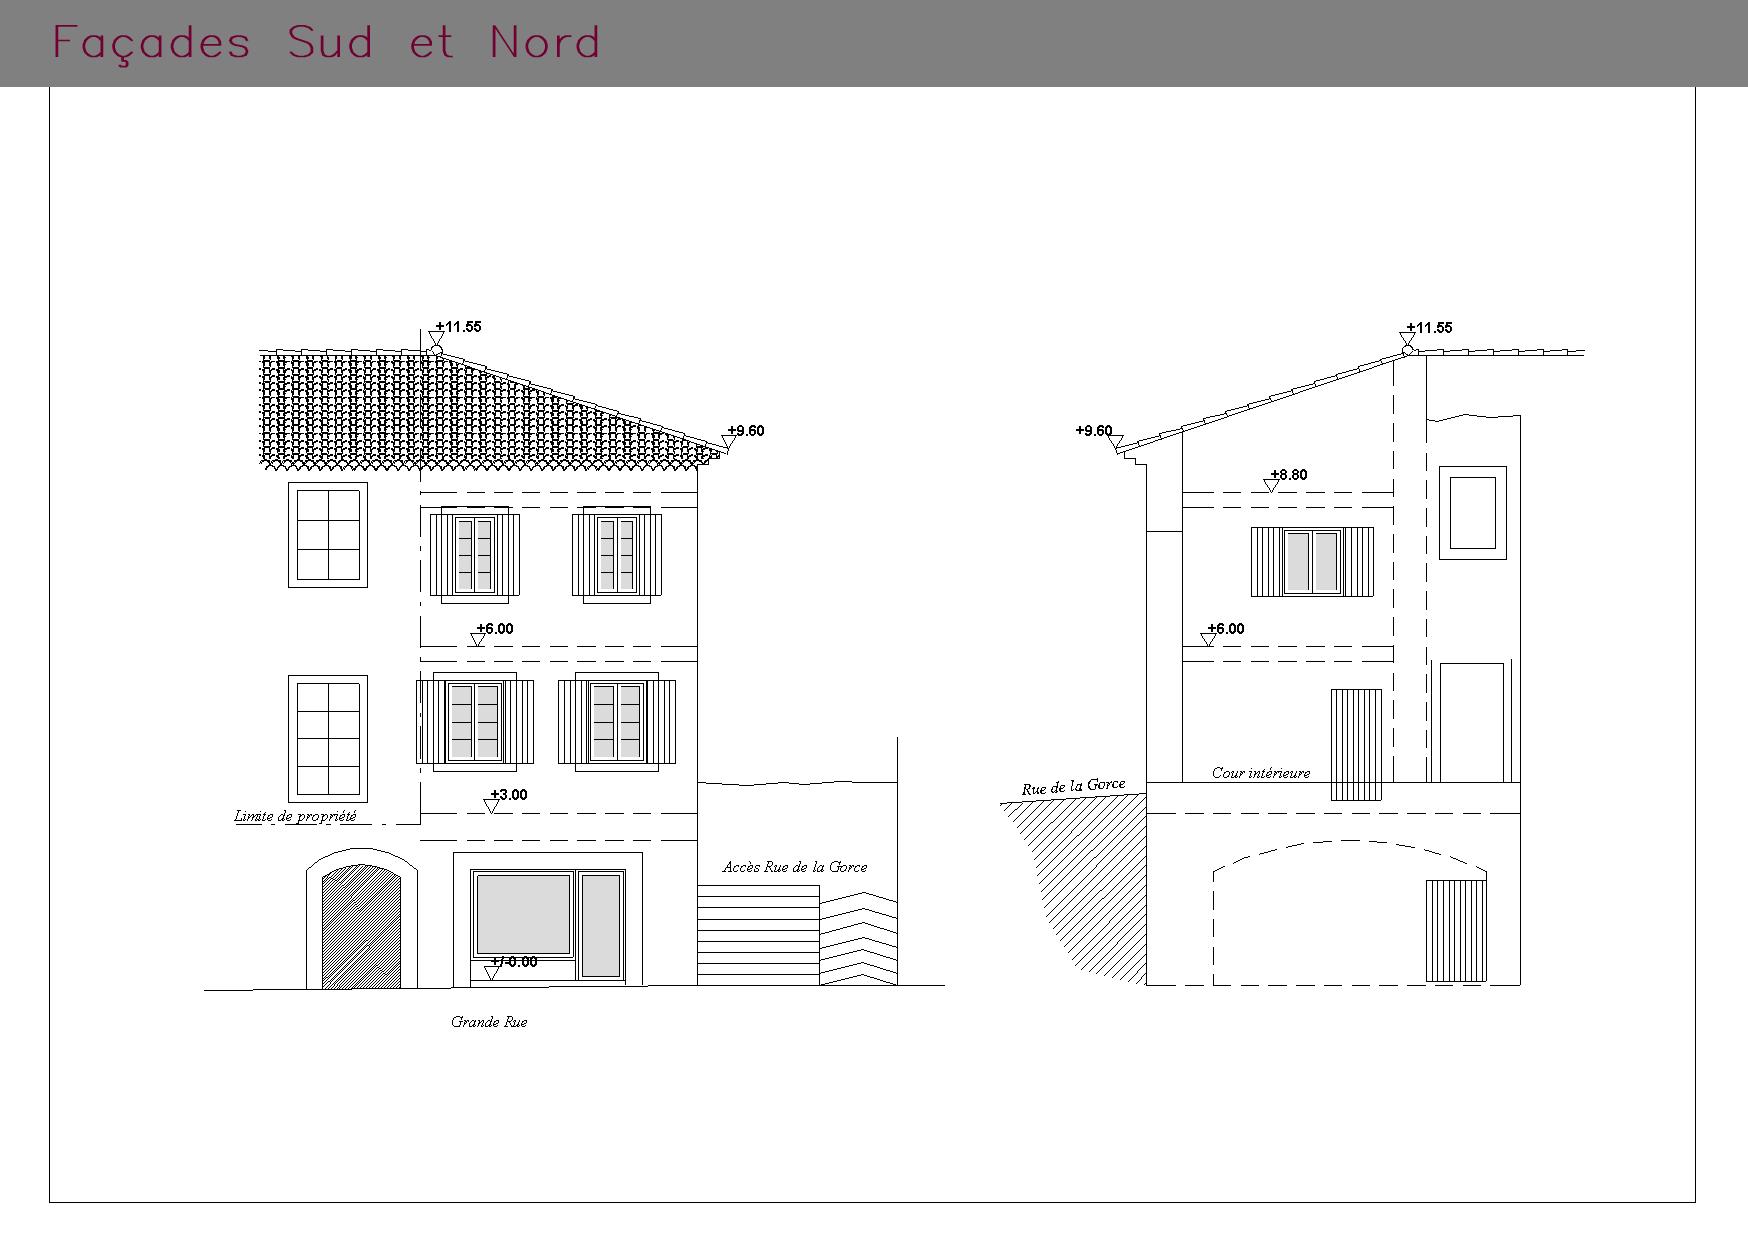 Plans des façades SUD dt NORD d'un logement et son commerce